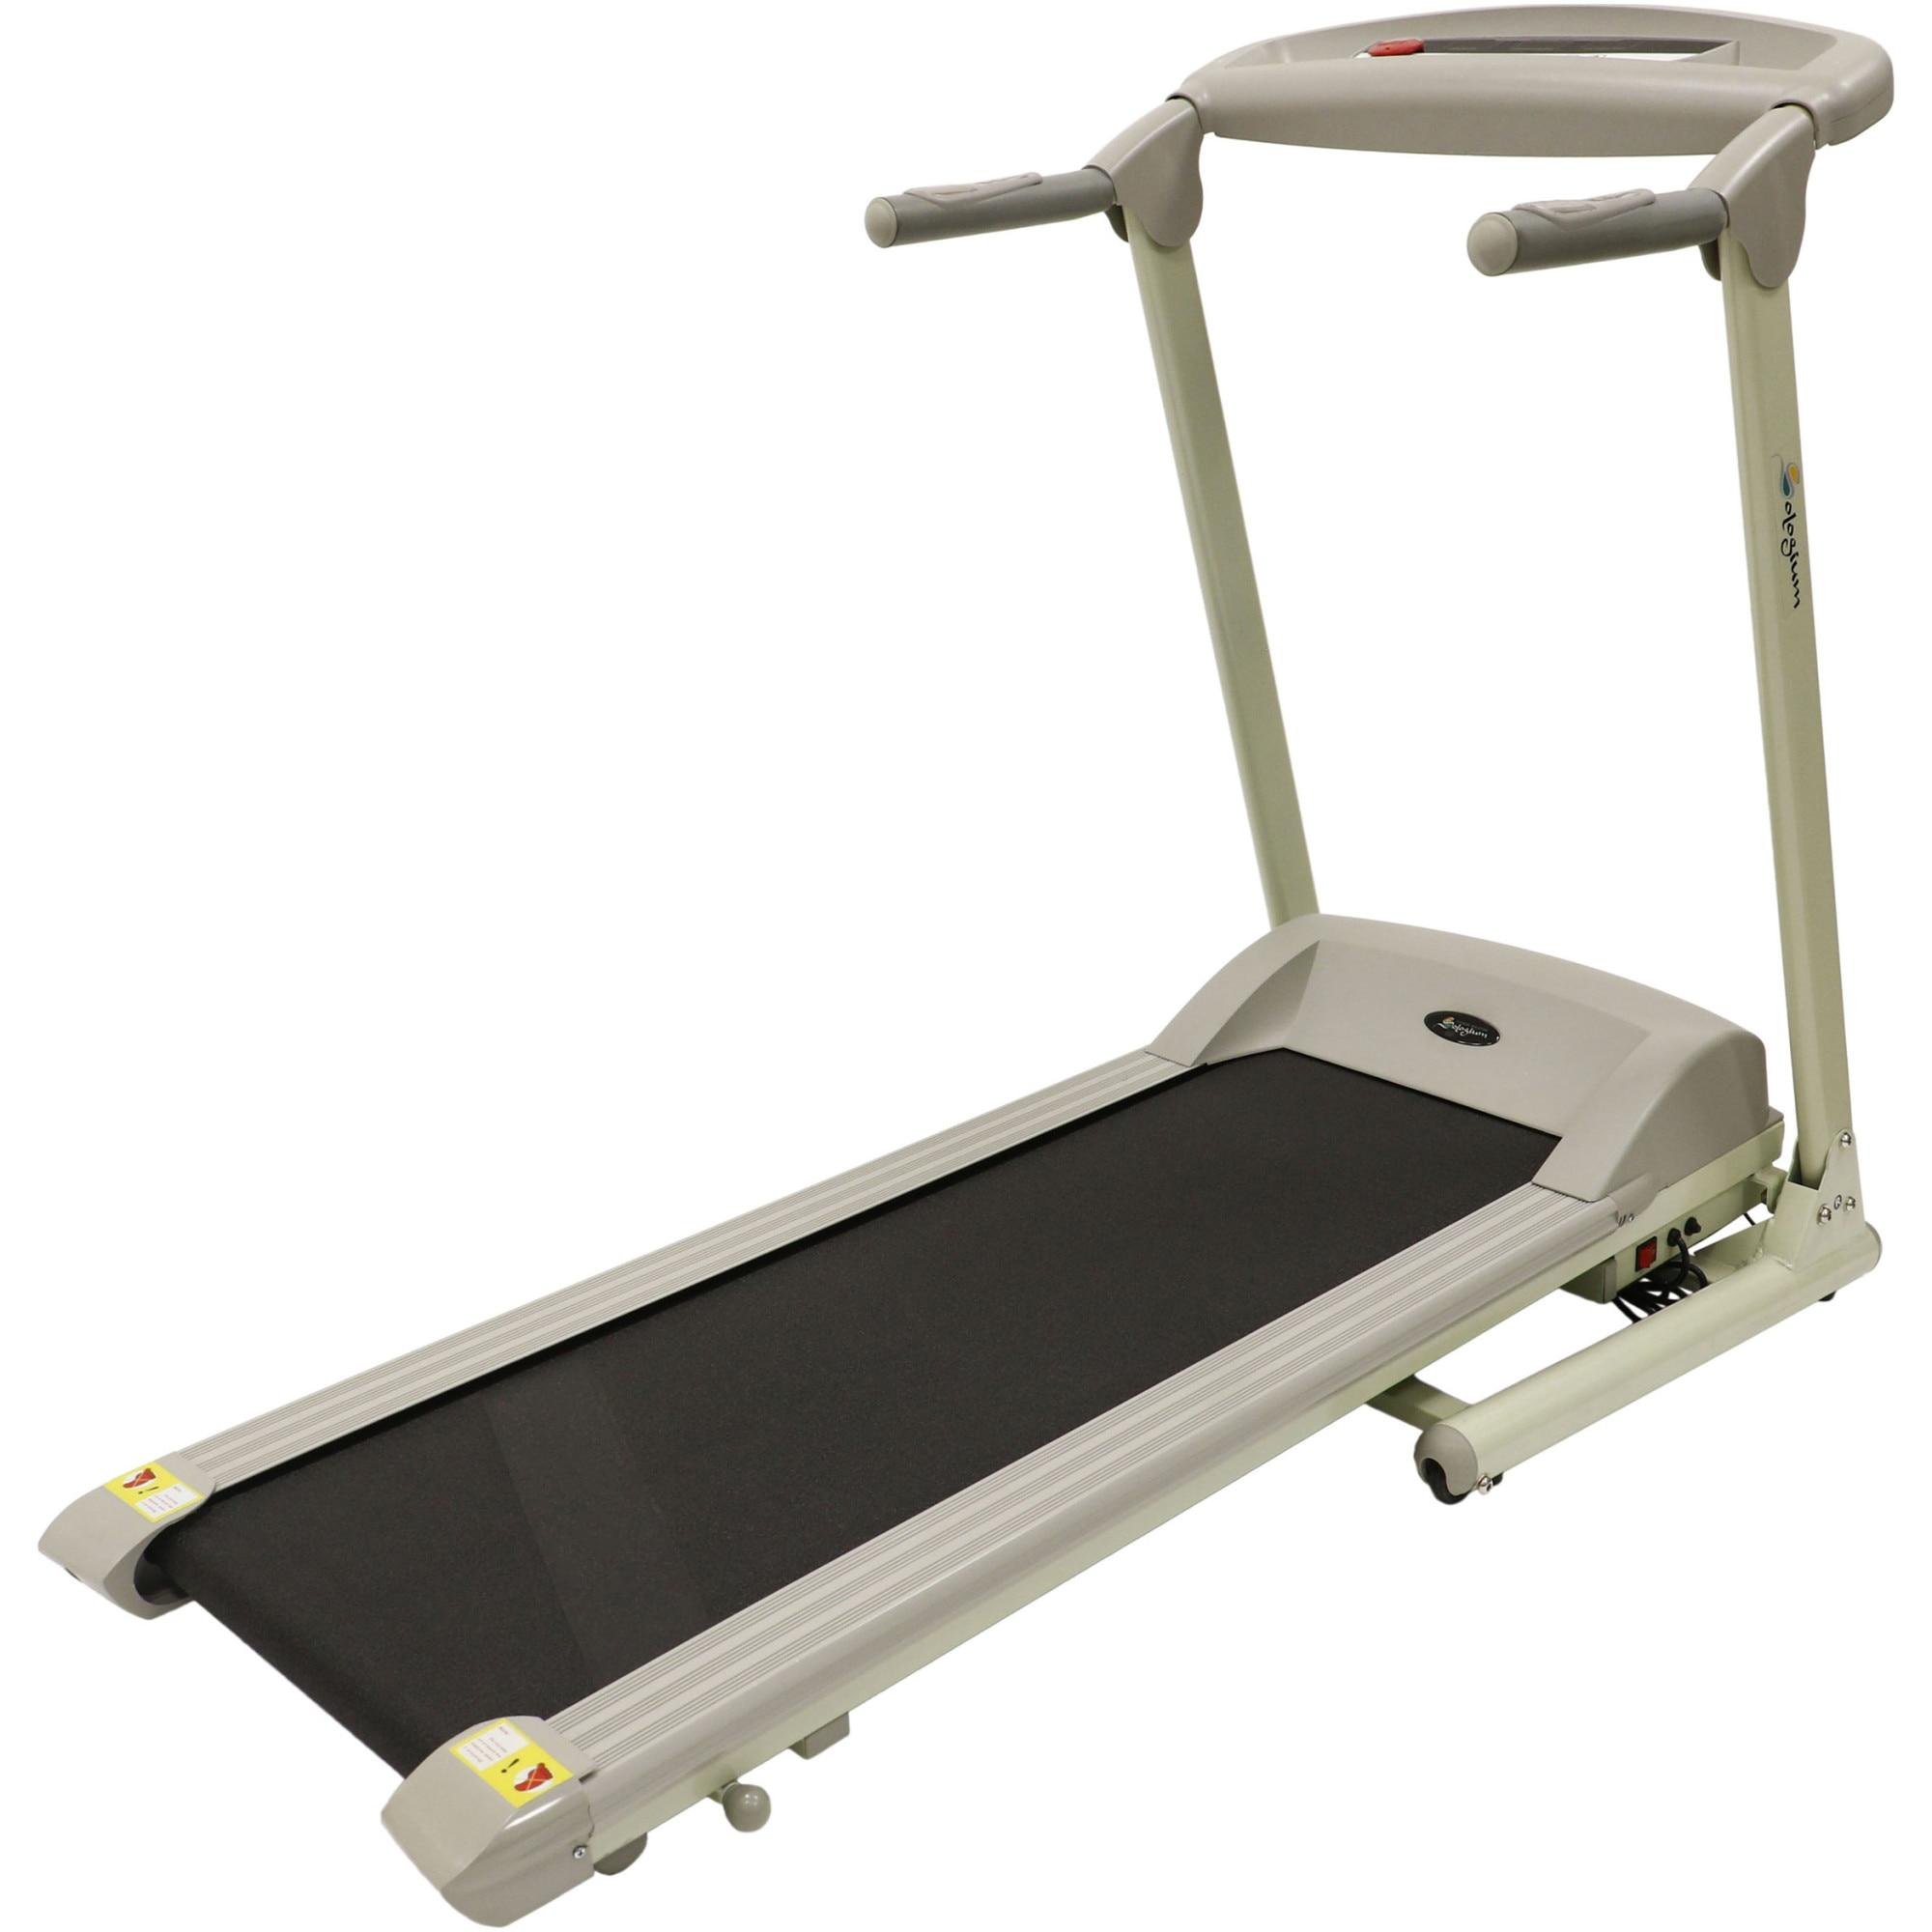 Fotografie Banda pentru alergare HM-1100, 1.25 HP, 14 km/h V-max, greutate maxima utilizator 100 kg